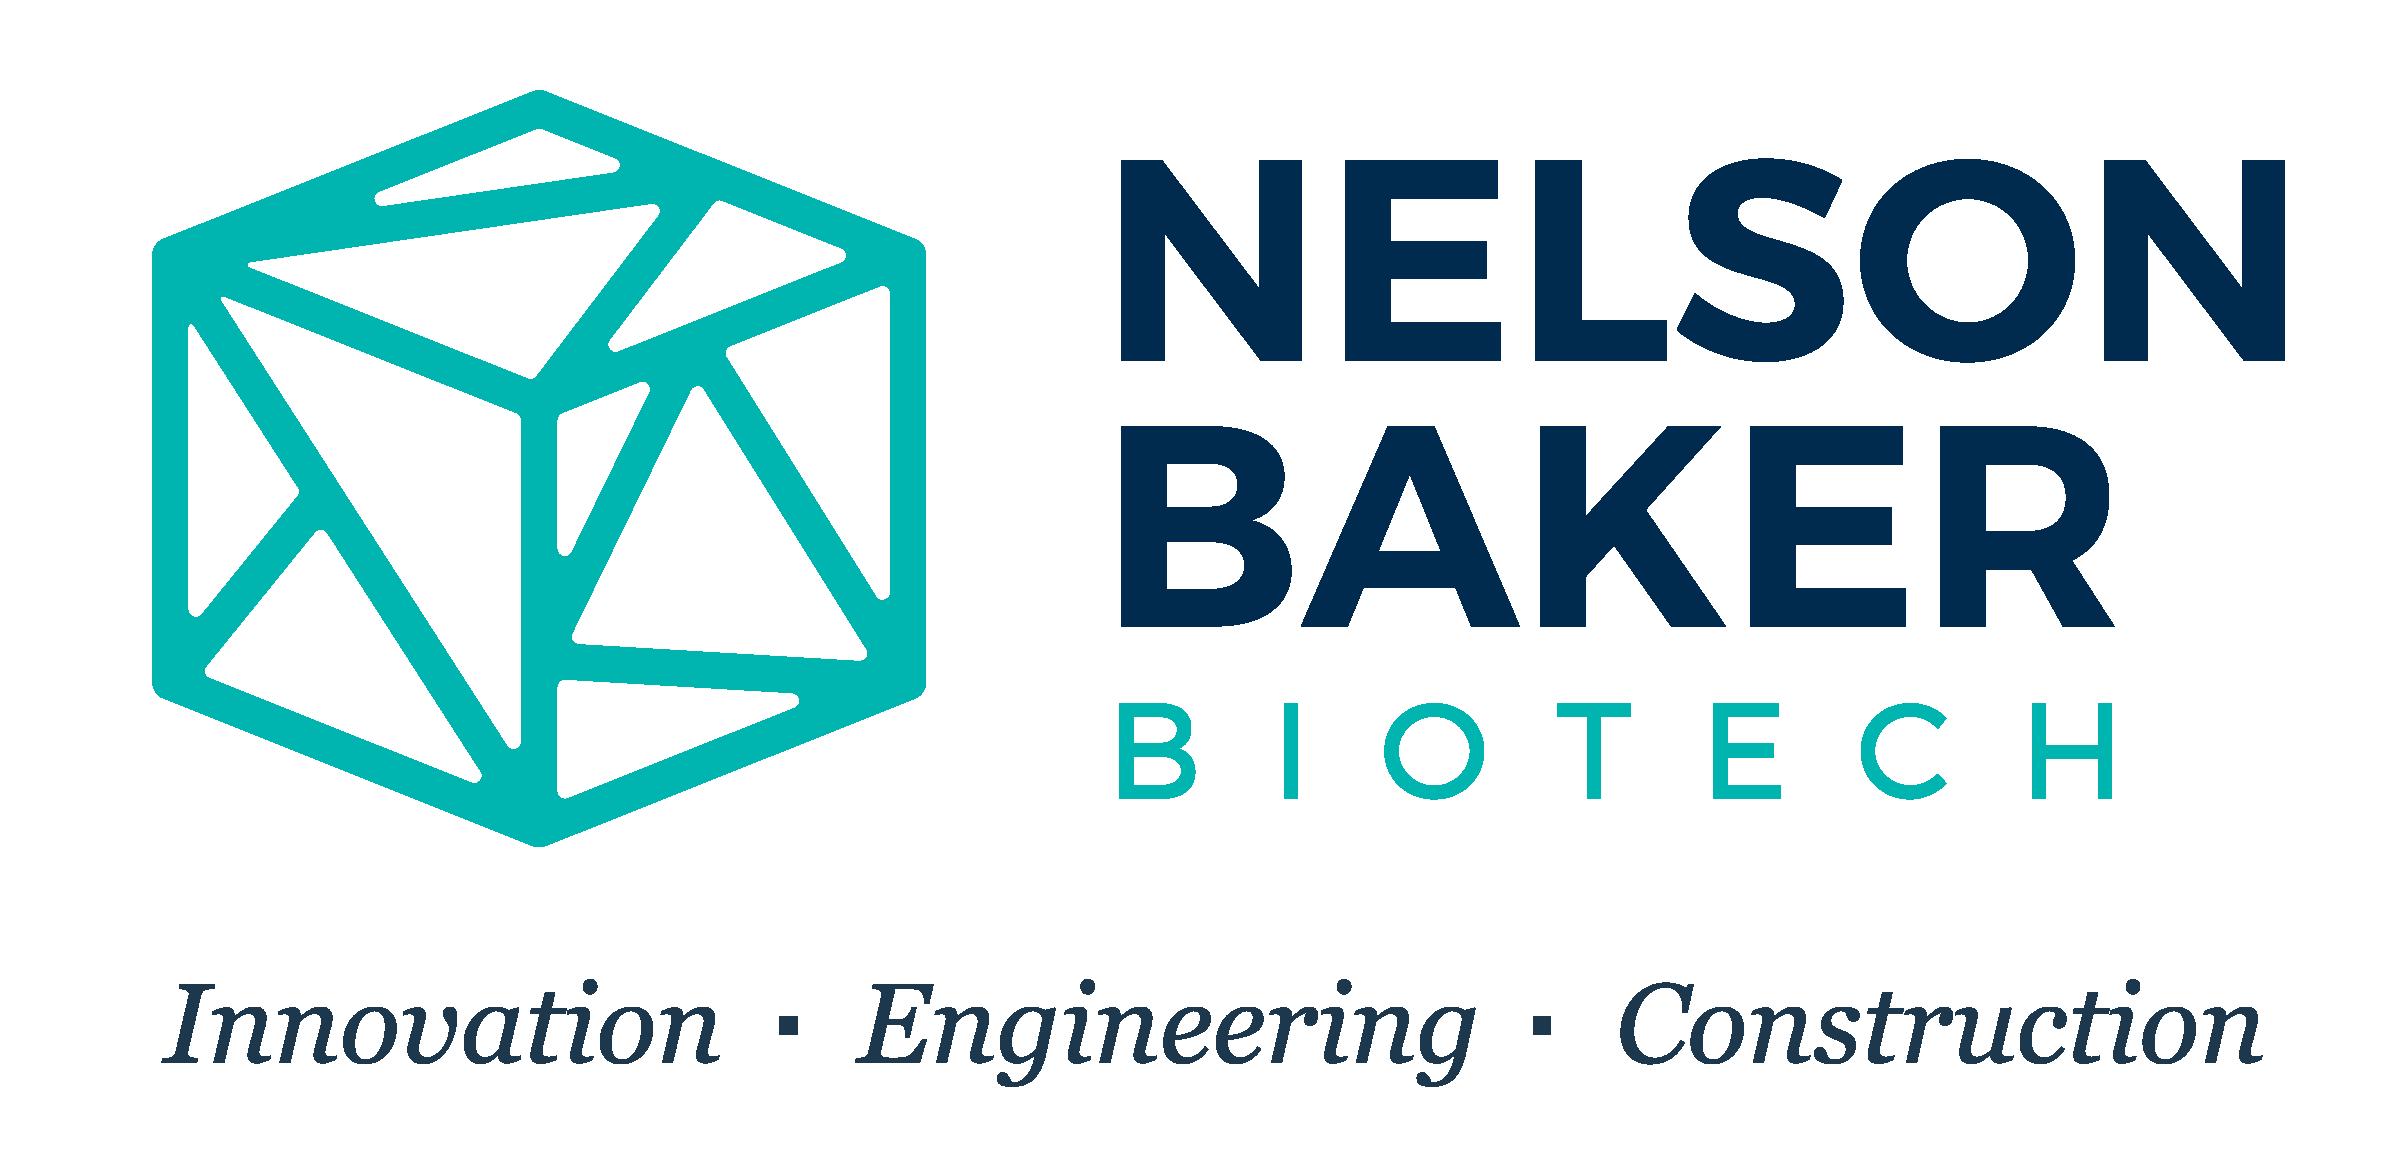 Nelson Baker Biotech